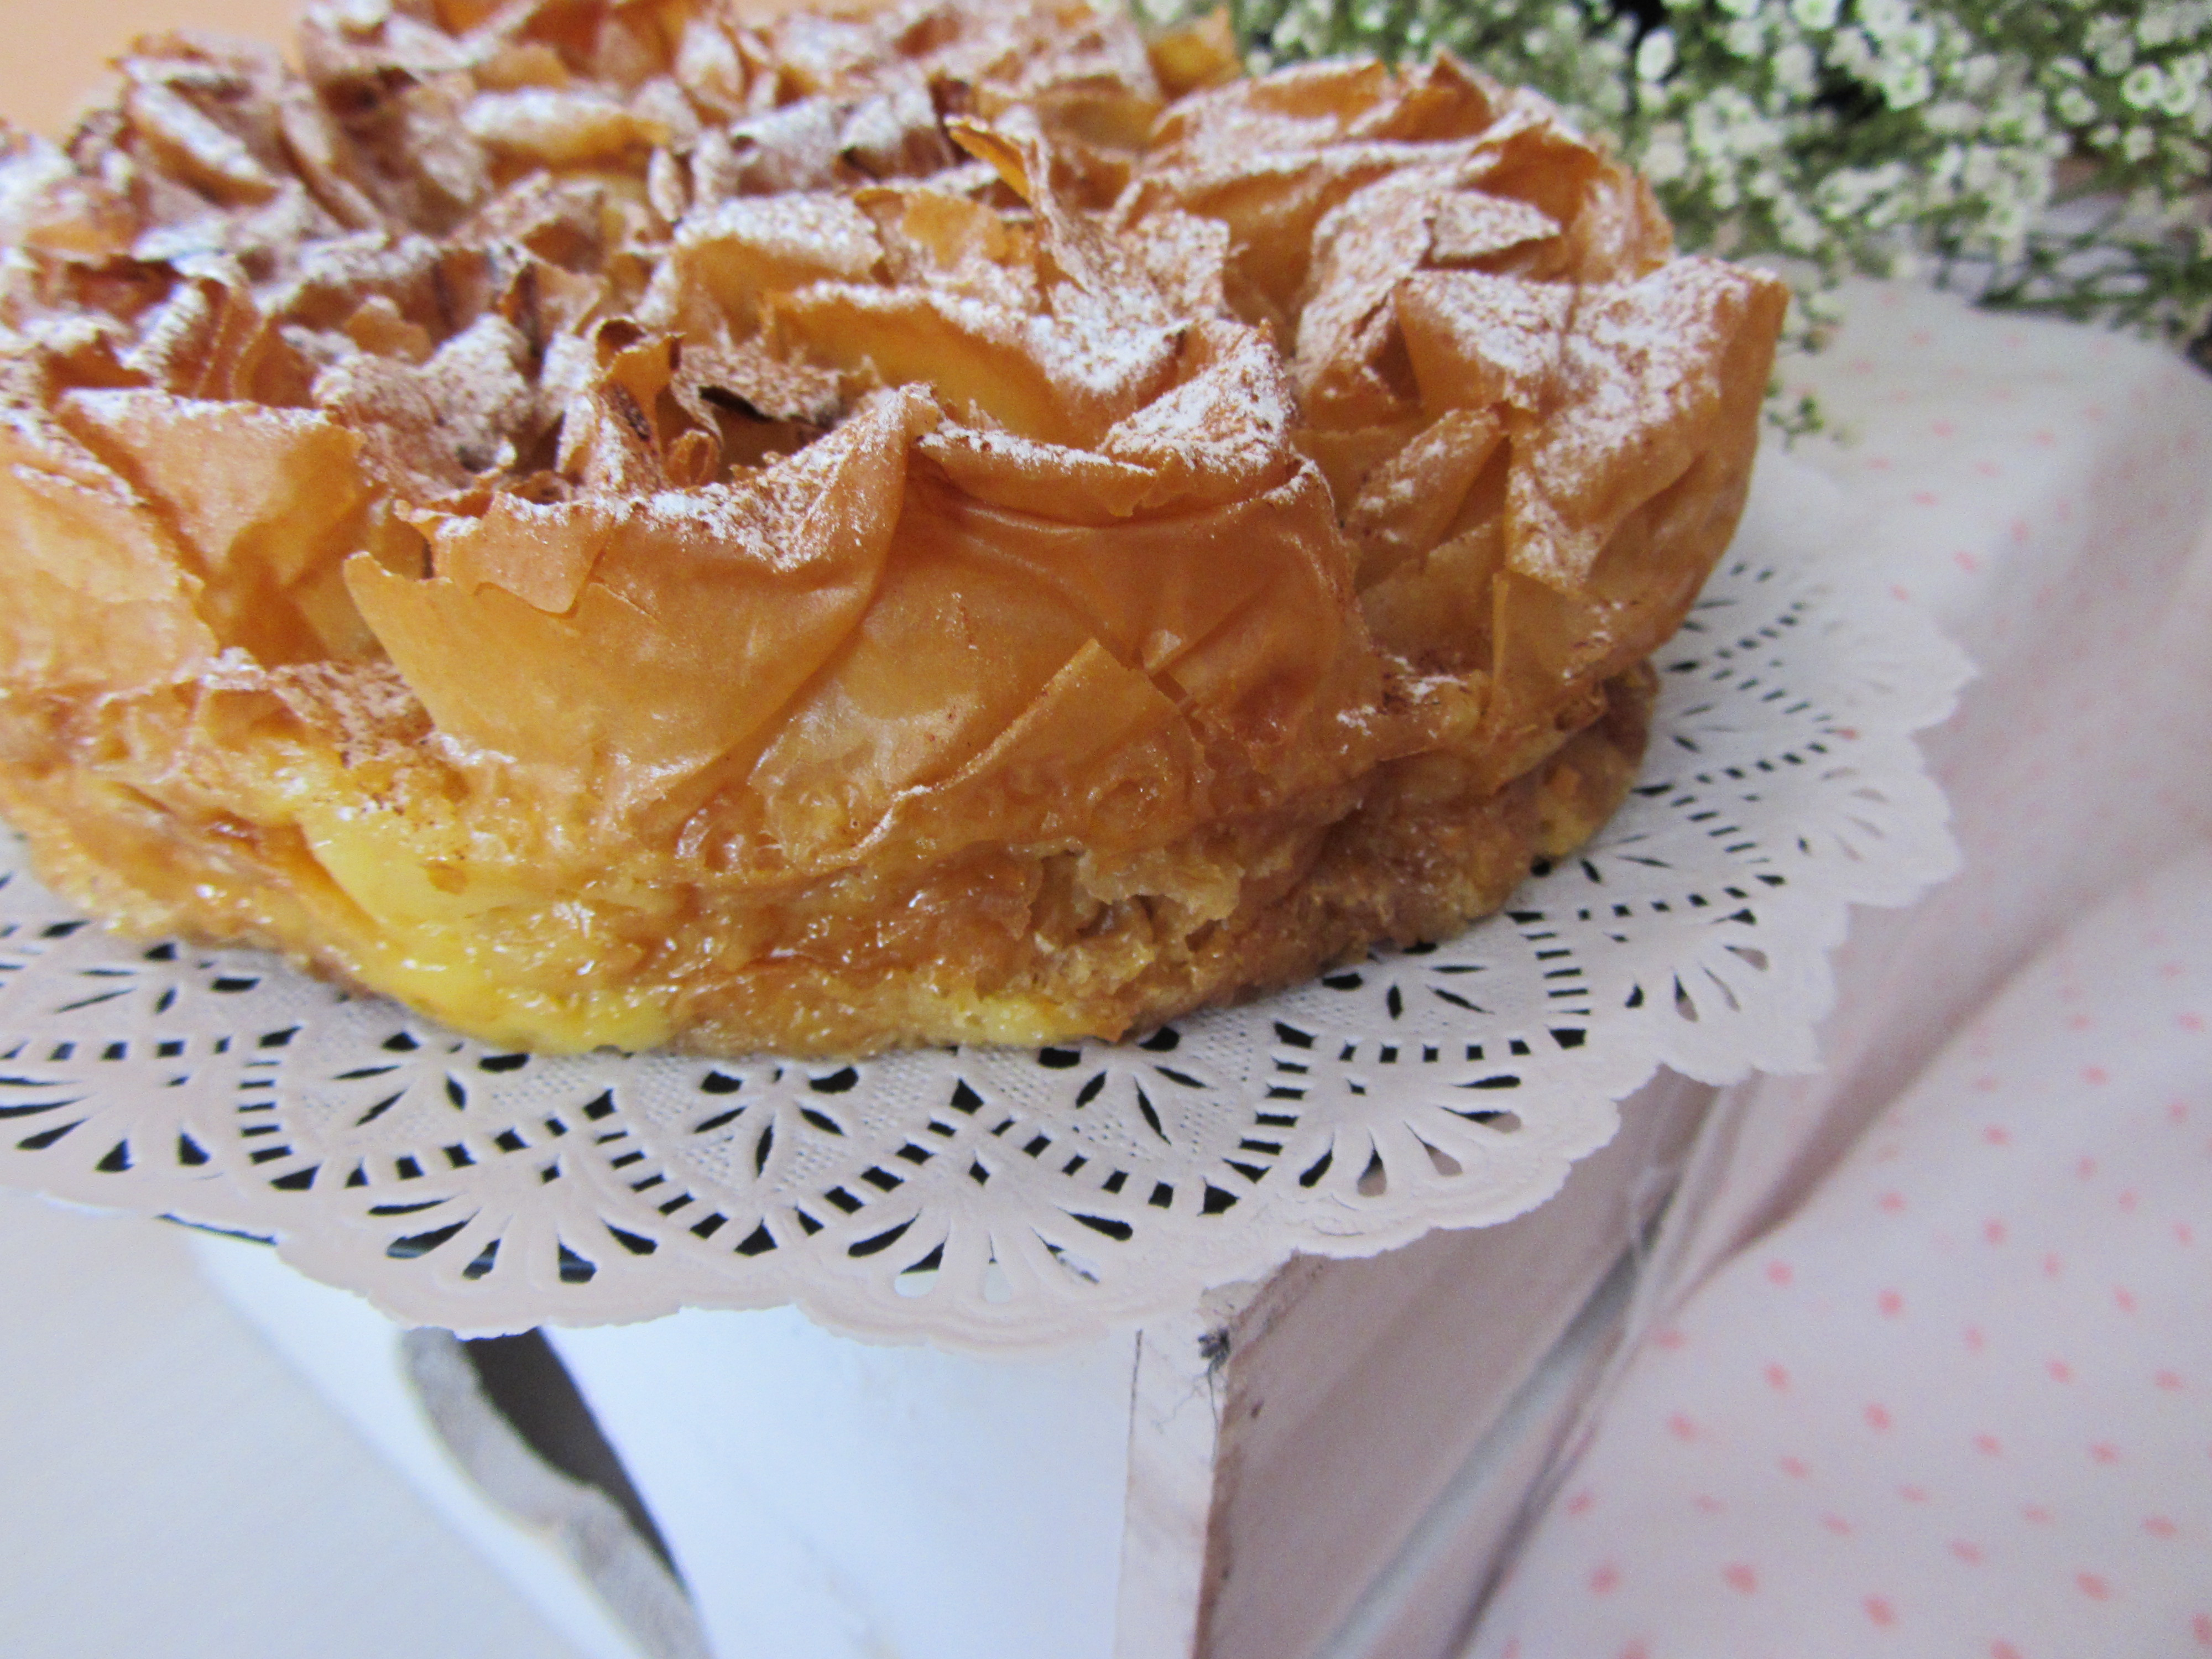 Ruffled milk pie pastel de leche rizado sany027 - Que hacer con la pasta filo ...